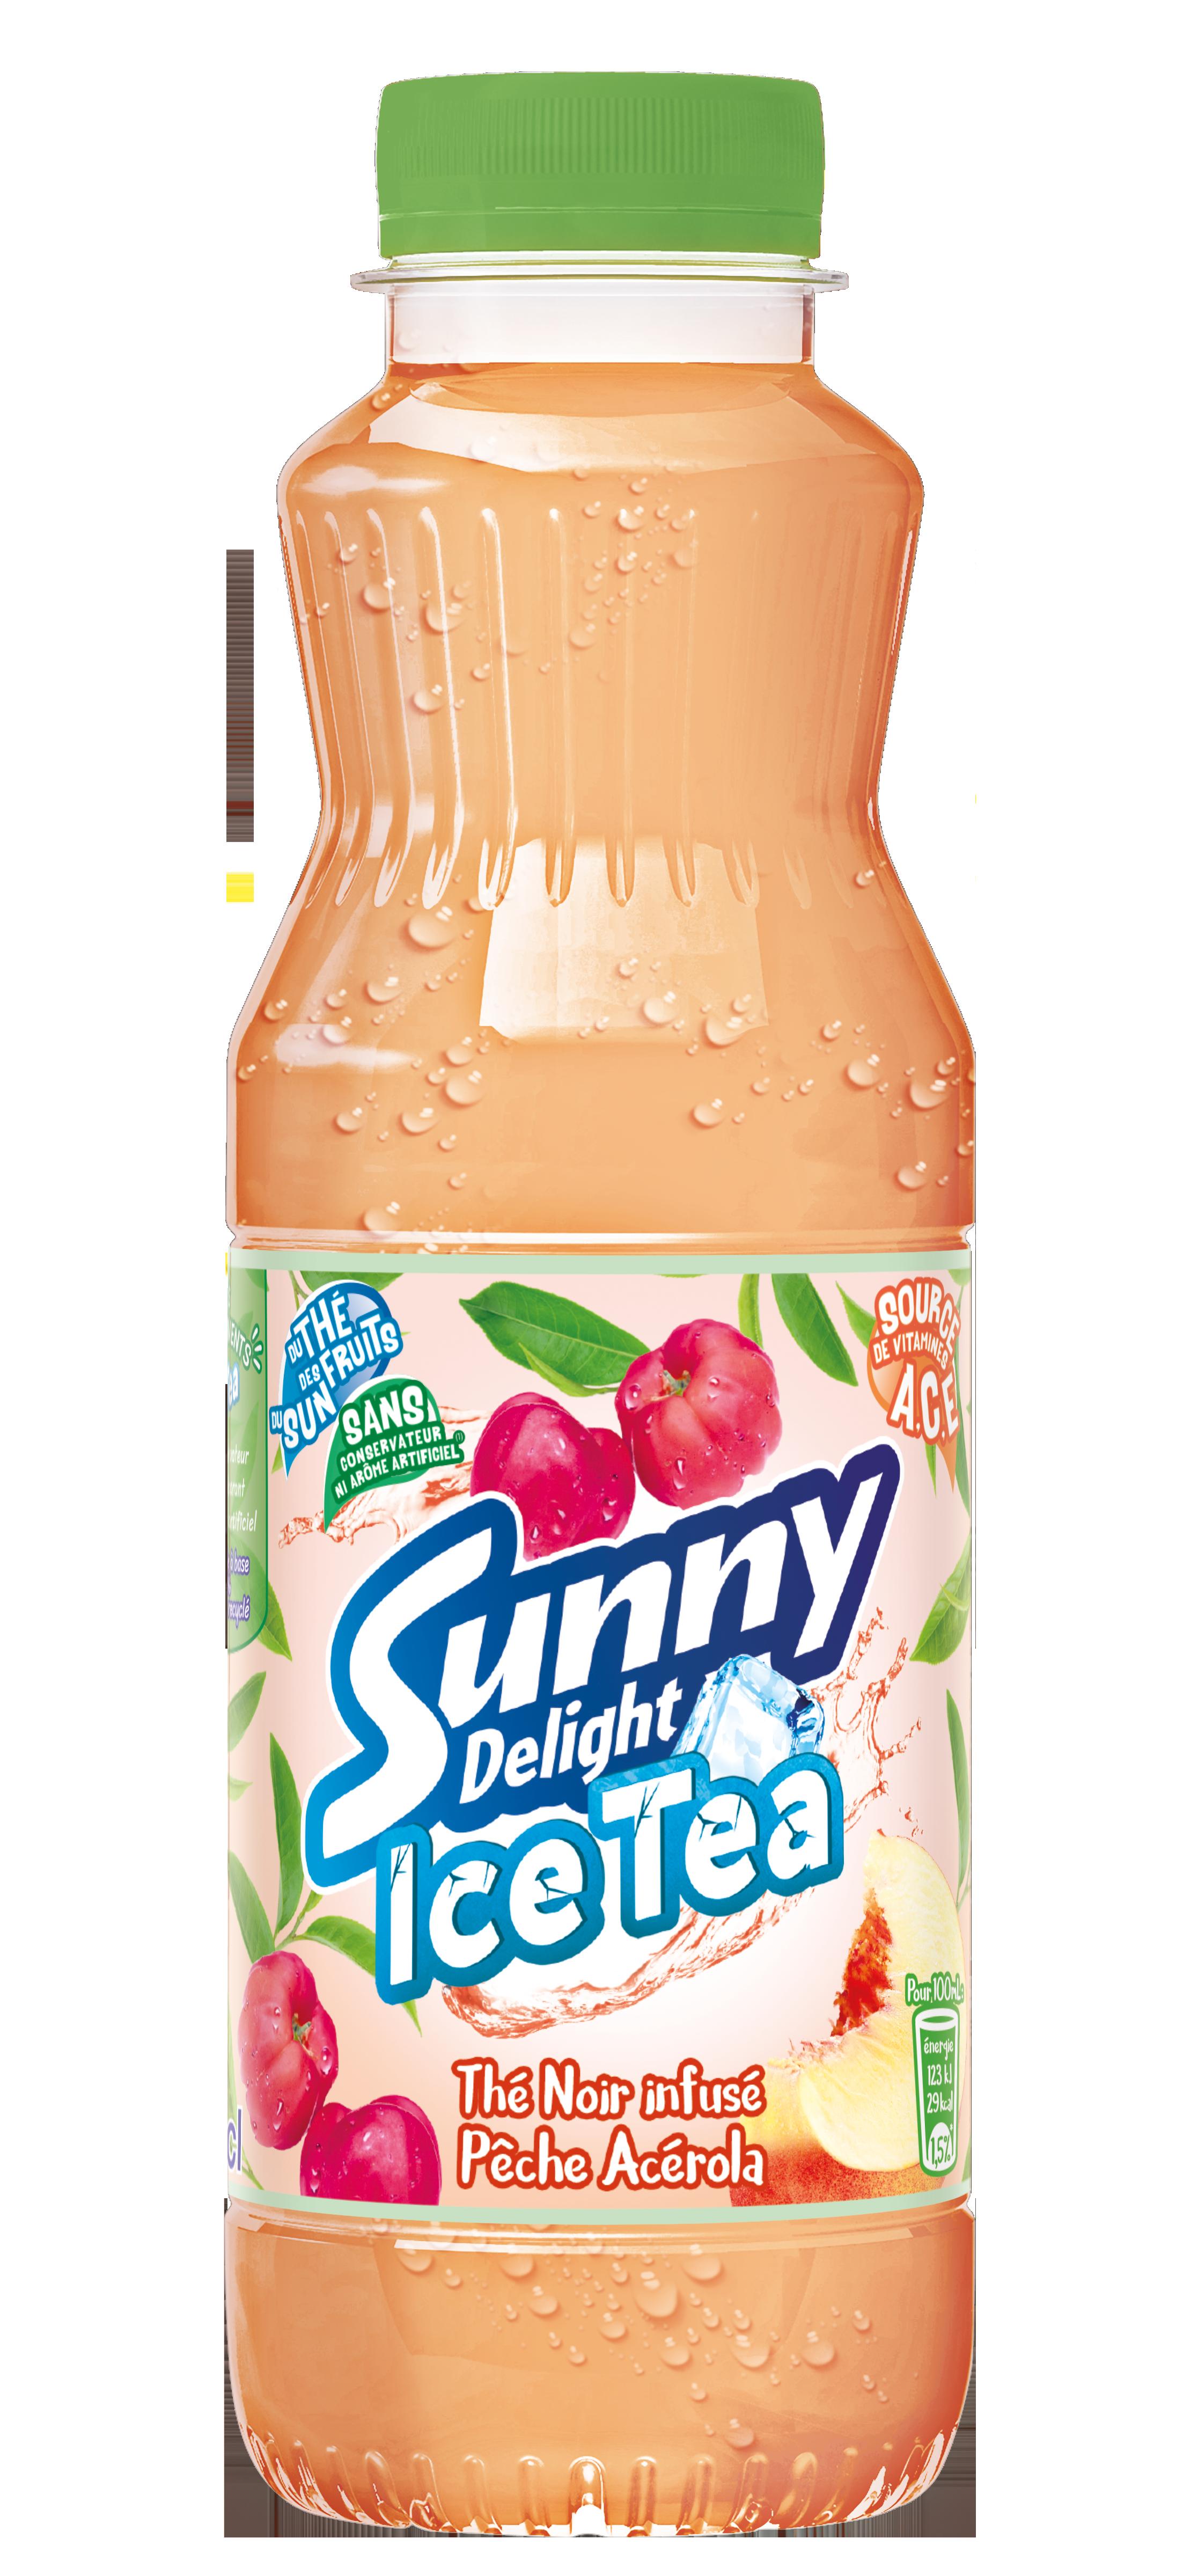 Sunny Delight Ice Tea Pêche Acérola